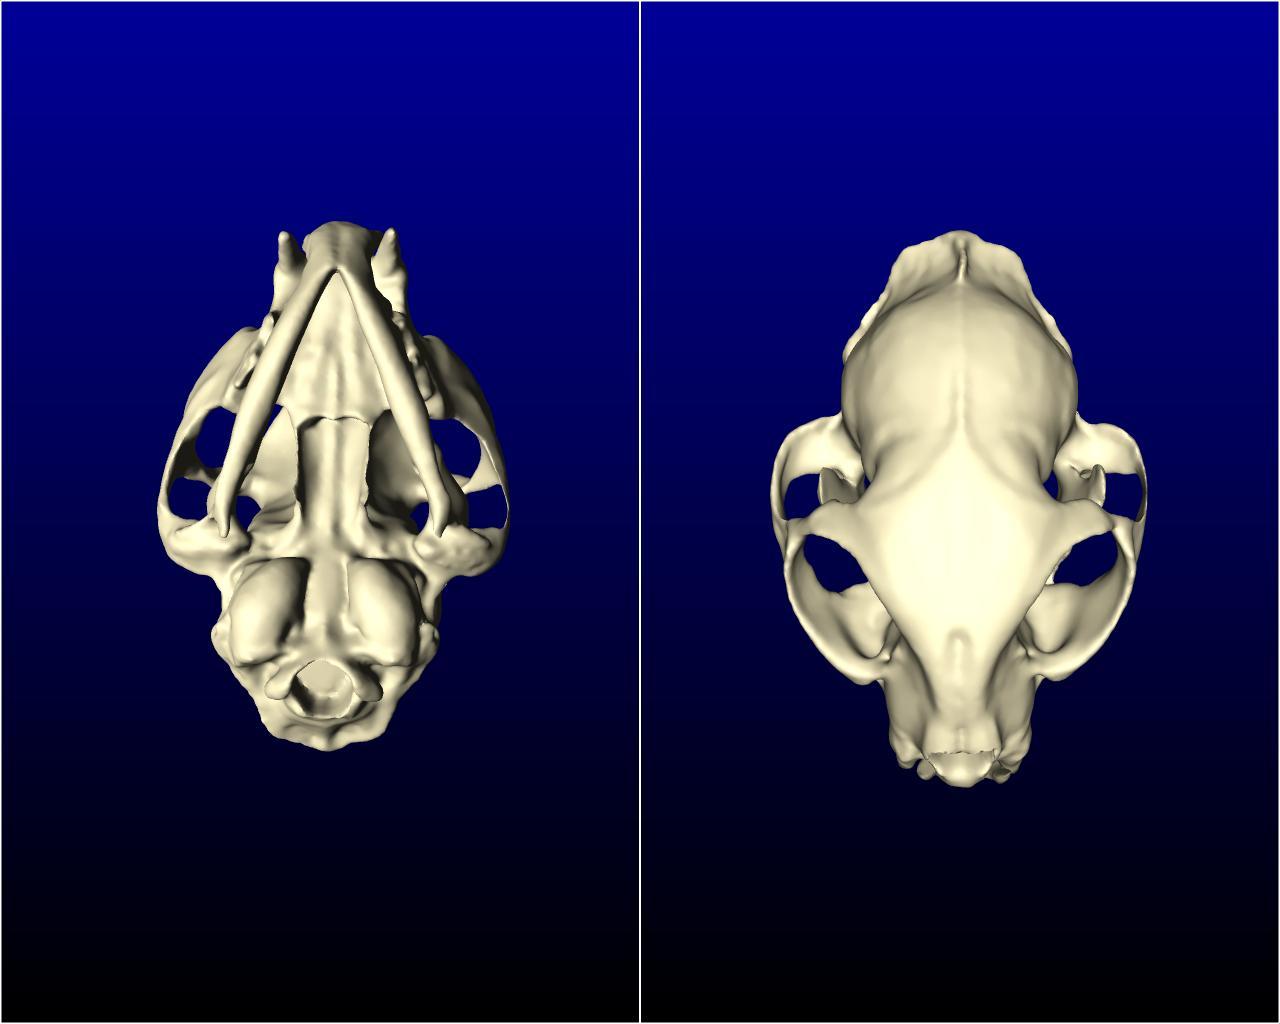 cat_skull_002.jpg